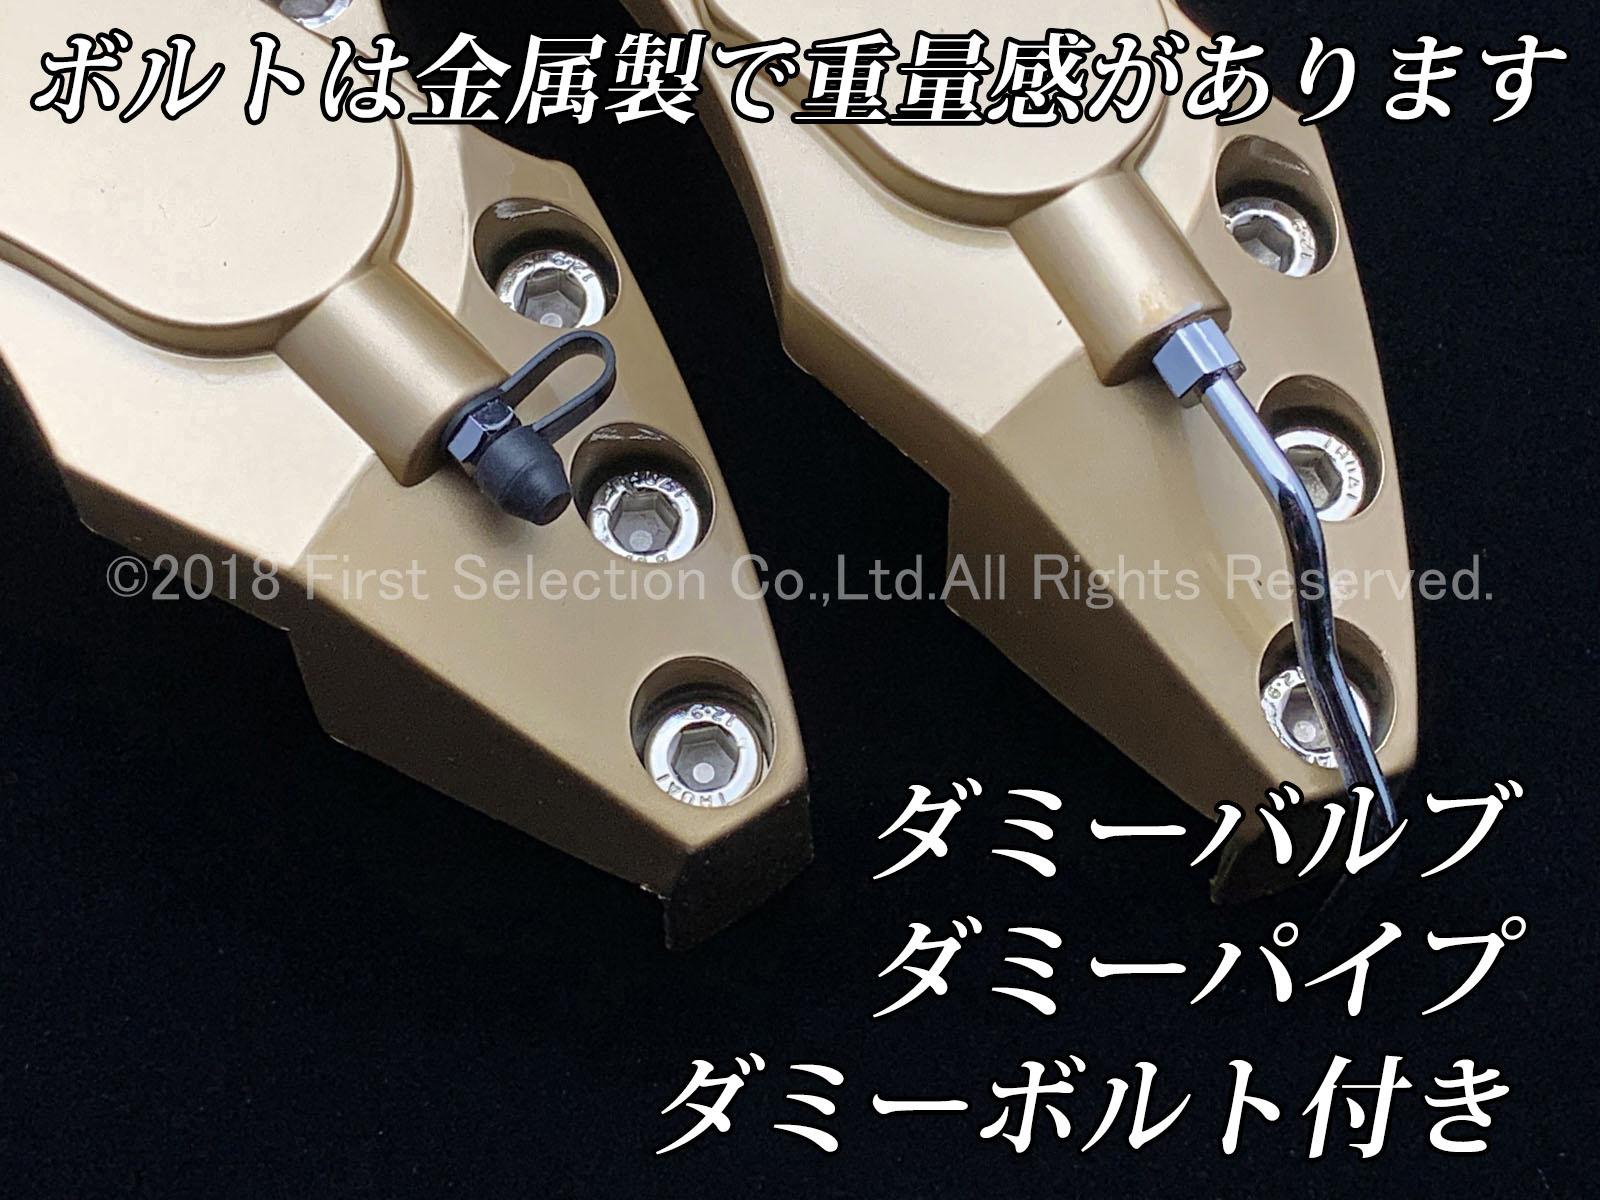 トヨタ車ヴェルファイア VELLFIREロゴ黒文字 汎用高品質キャリパーカバーL/Mサイズセット 金 ゴールド